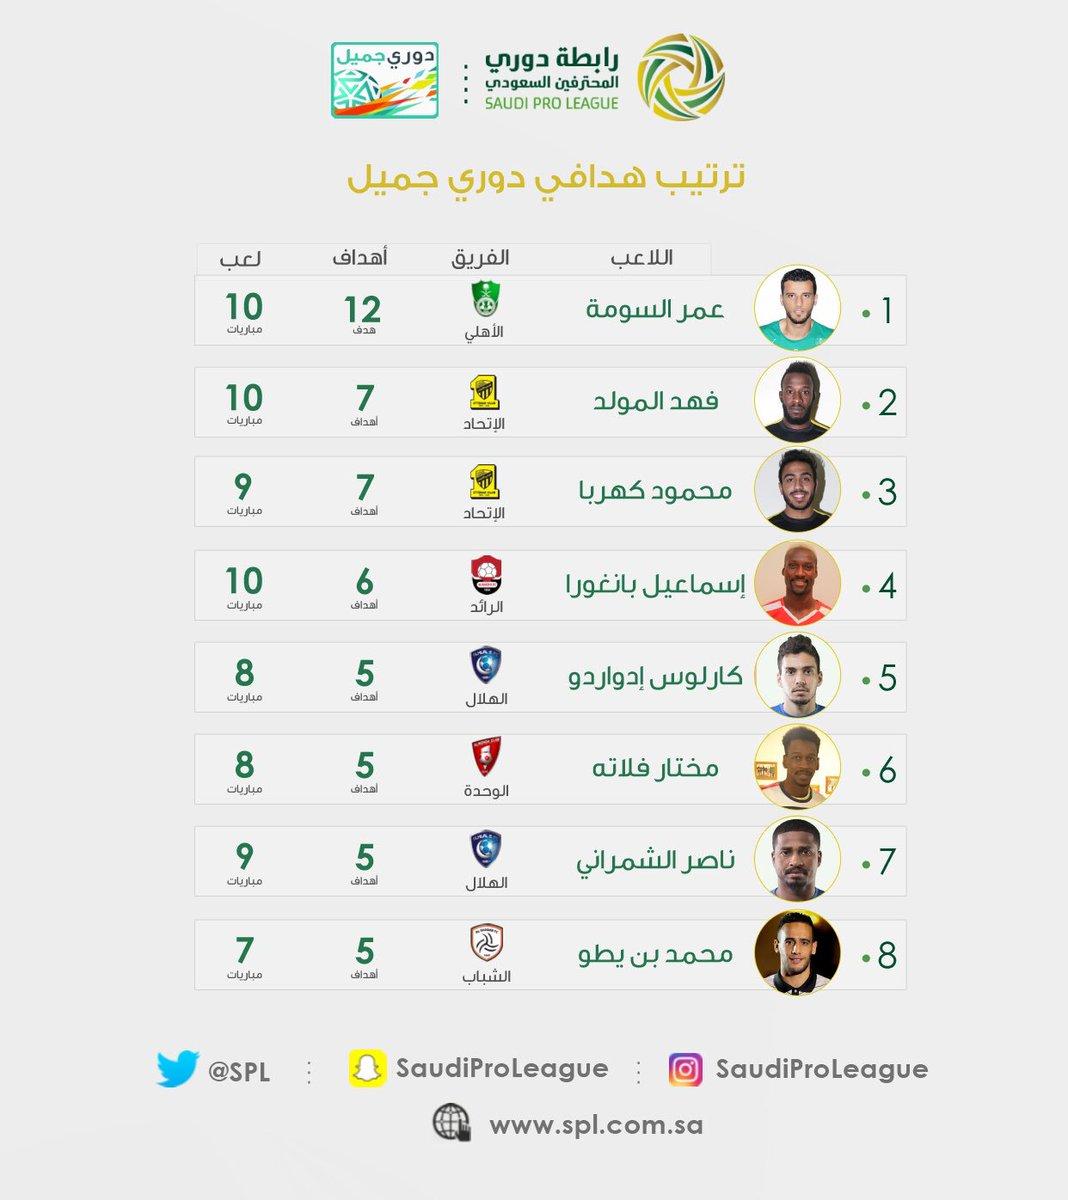 الدوري السعودي للمحترفين Ar Twitter ترتيب هدافي دوري جميل